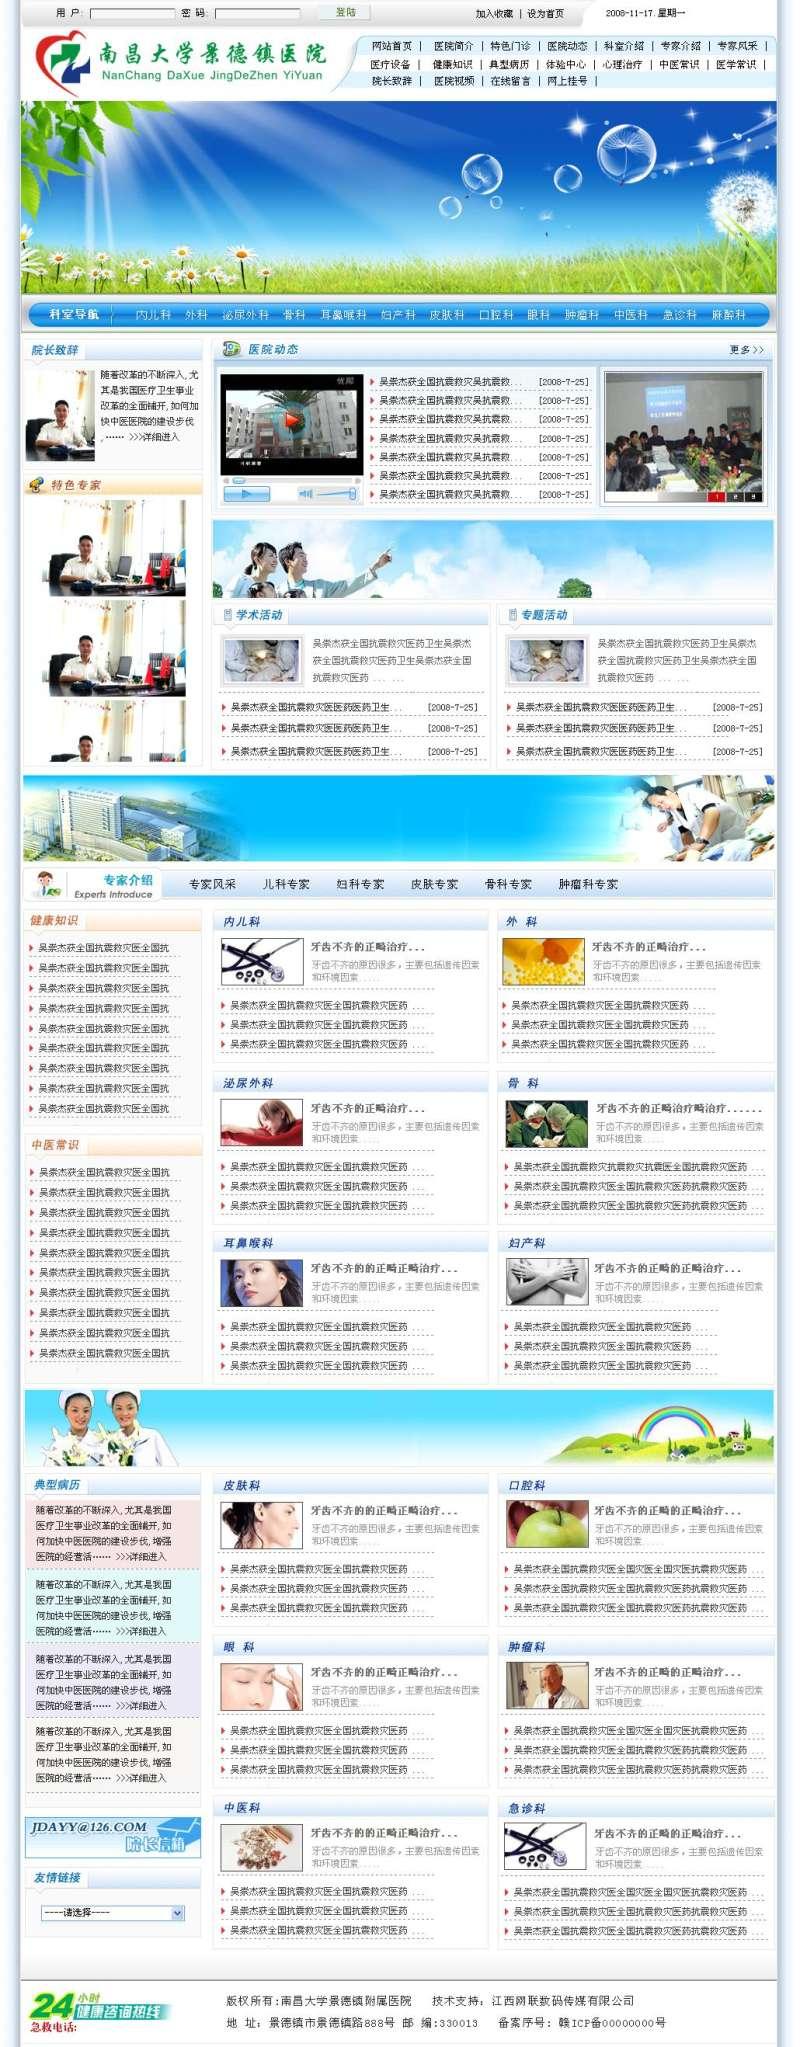 大学医院门户网站首页模板psd下载